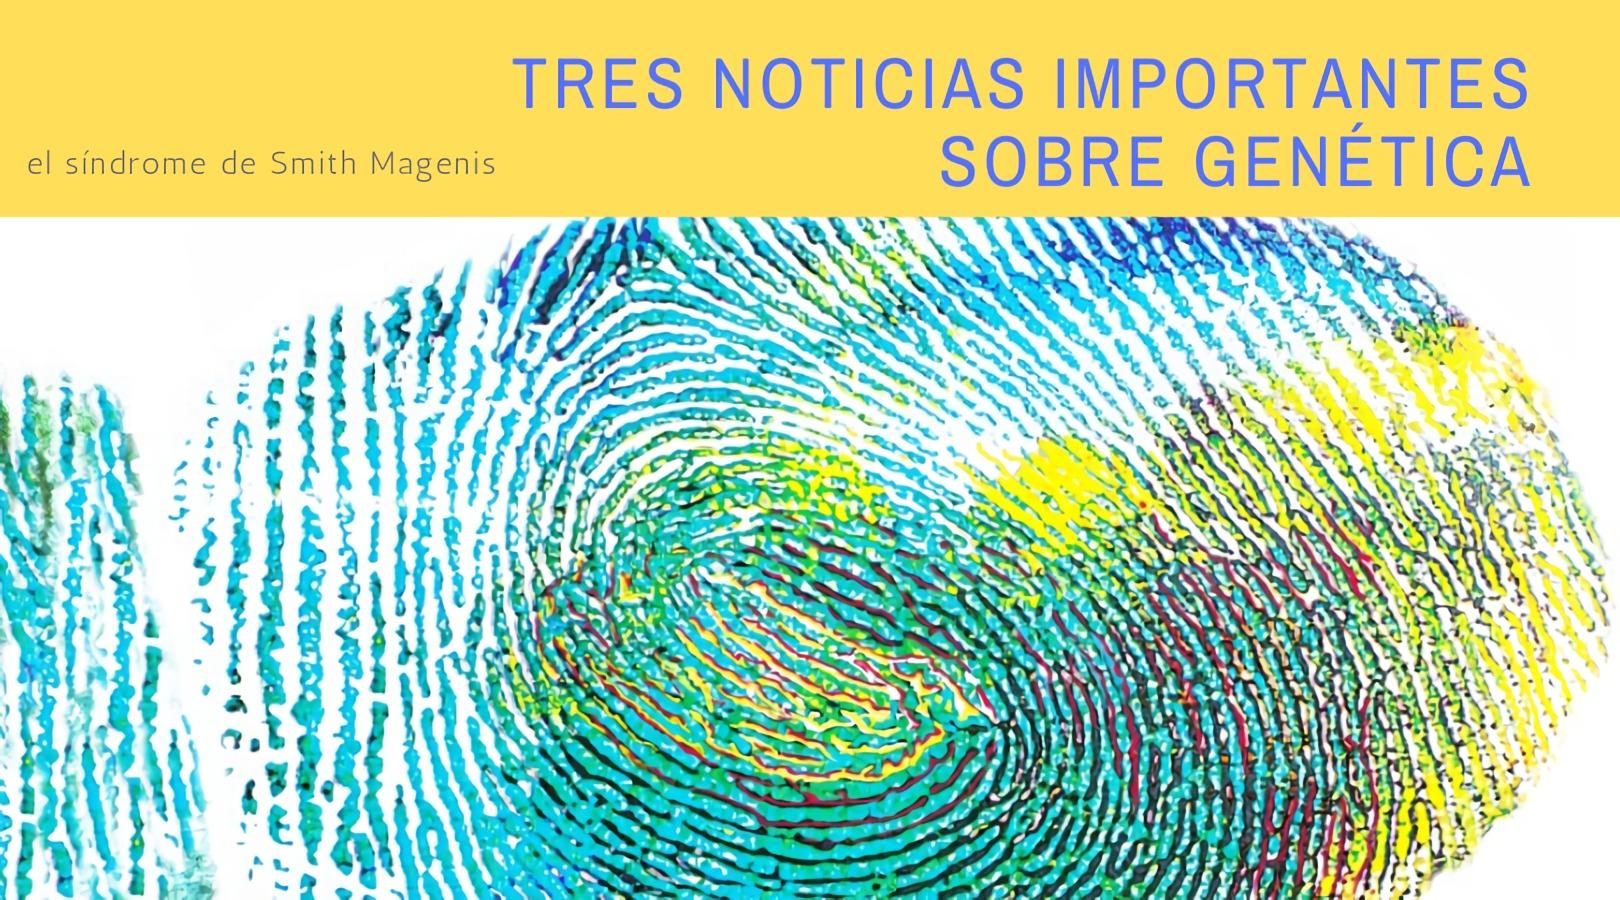 TRES NOTICIAS IMPORTANTES SOBRE GENÉTICA